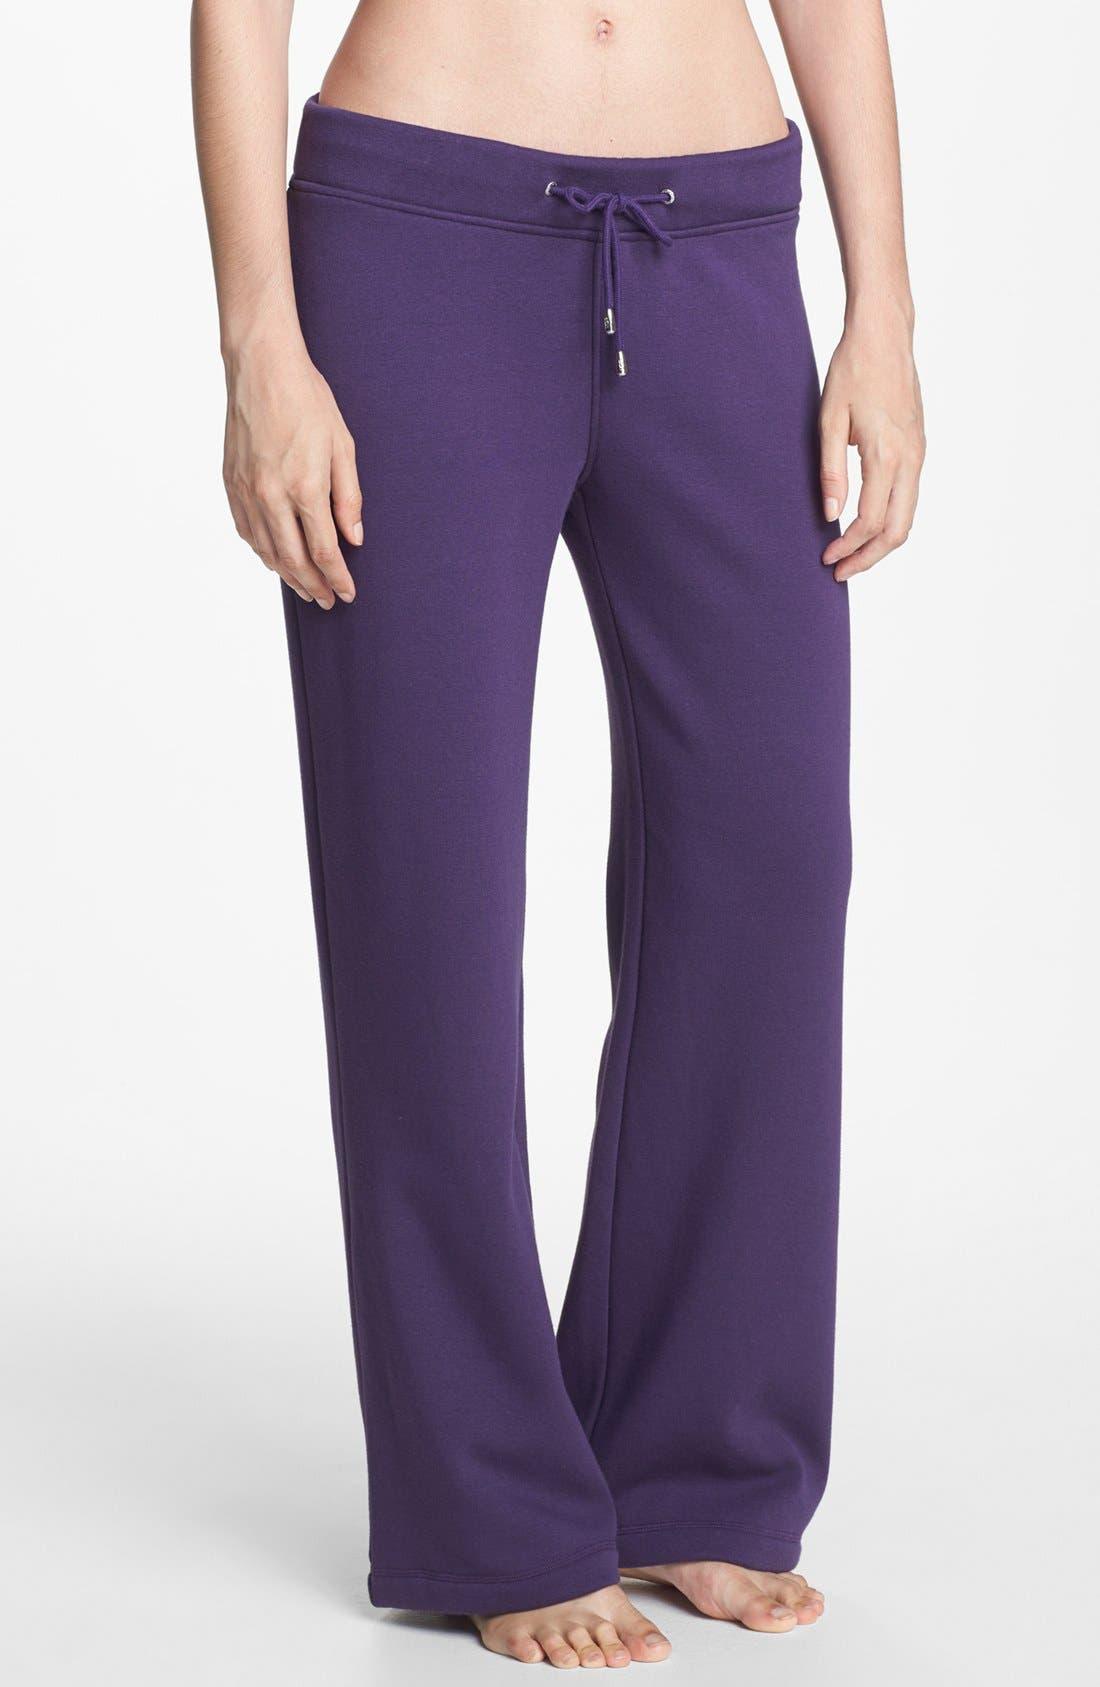 'Collins' Double Knit Pants,                             Main thumbnail 1, color,                             Purple Violet